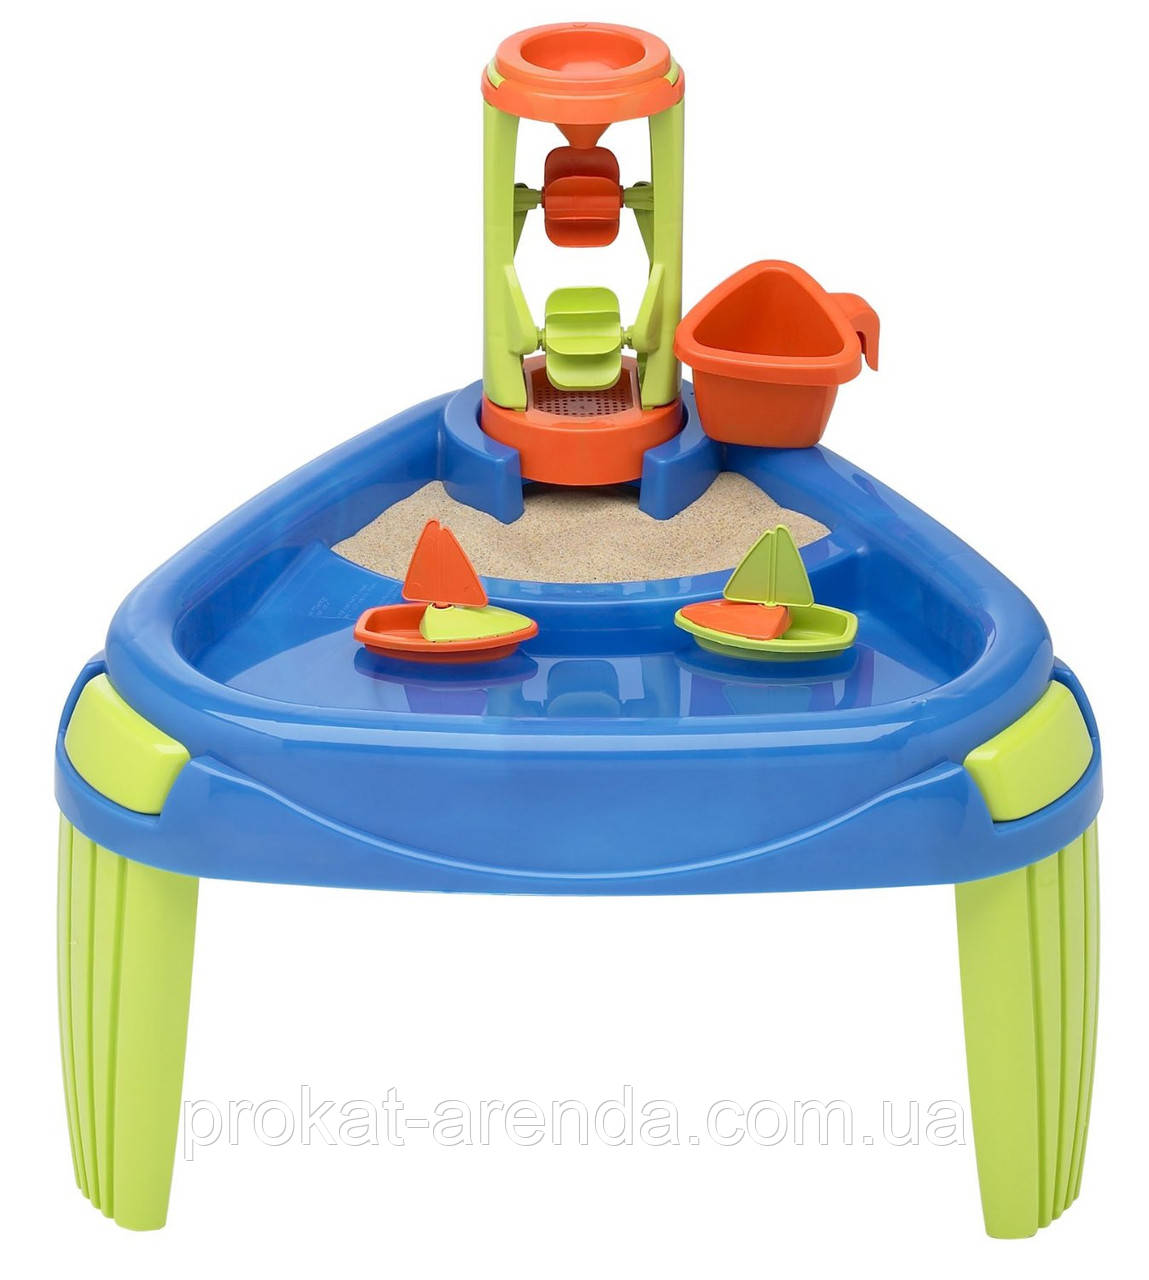 Игровой столик для воды и песка